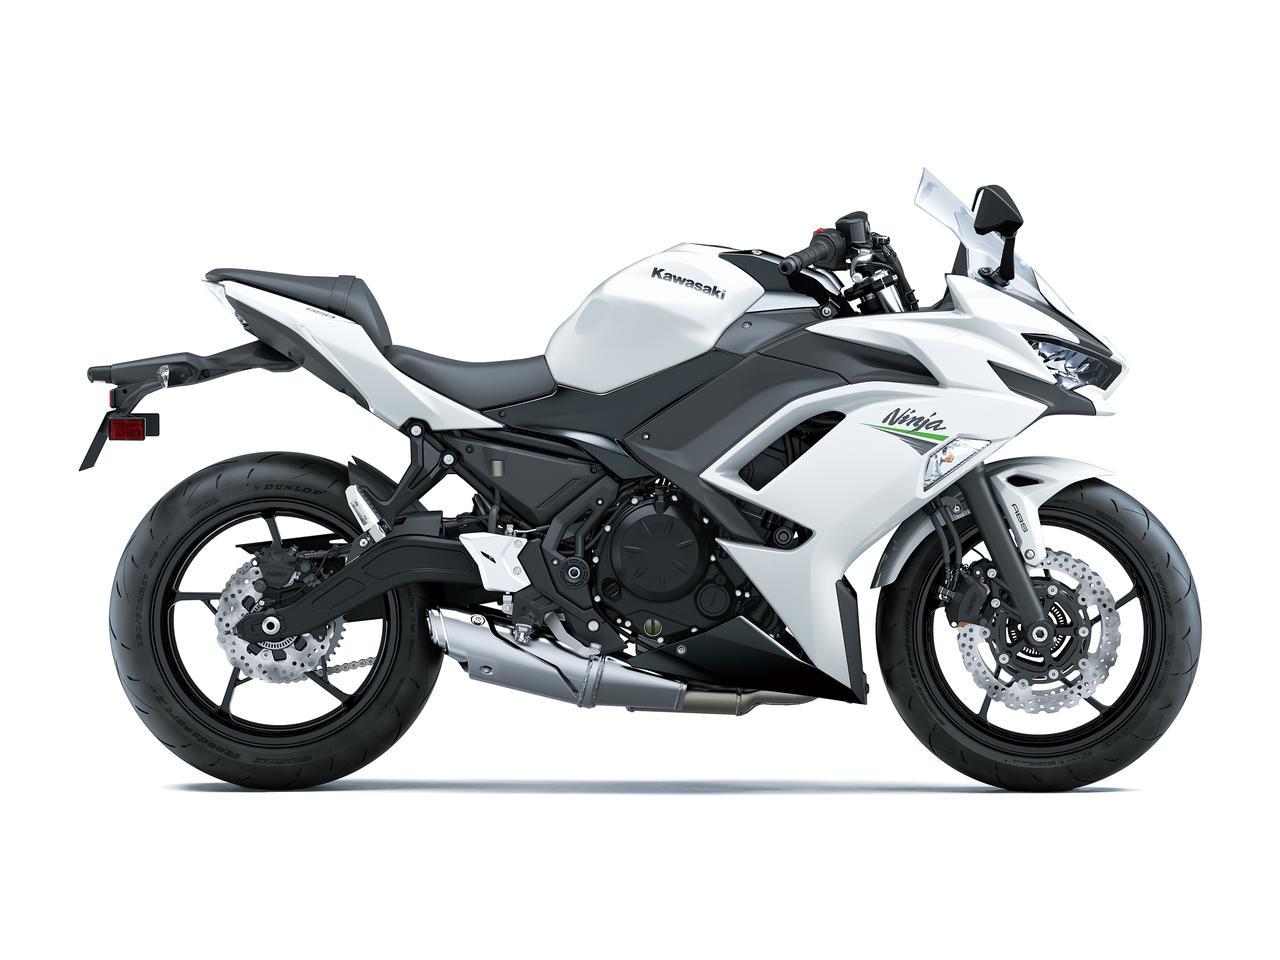 Images : 9番目の画像 - カワサキ「Ninja650/KRT EDITION」の写真を見る! - webオートバイ